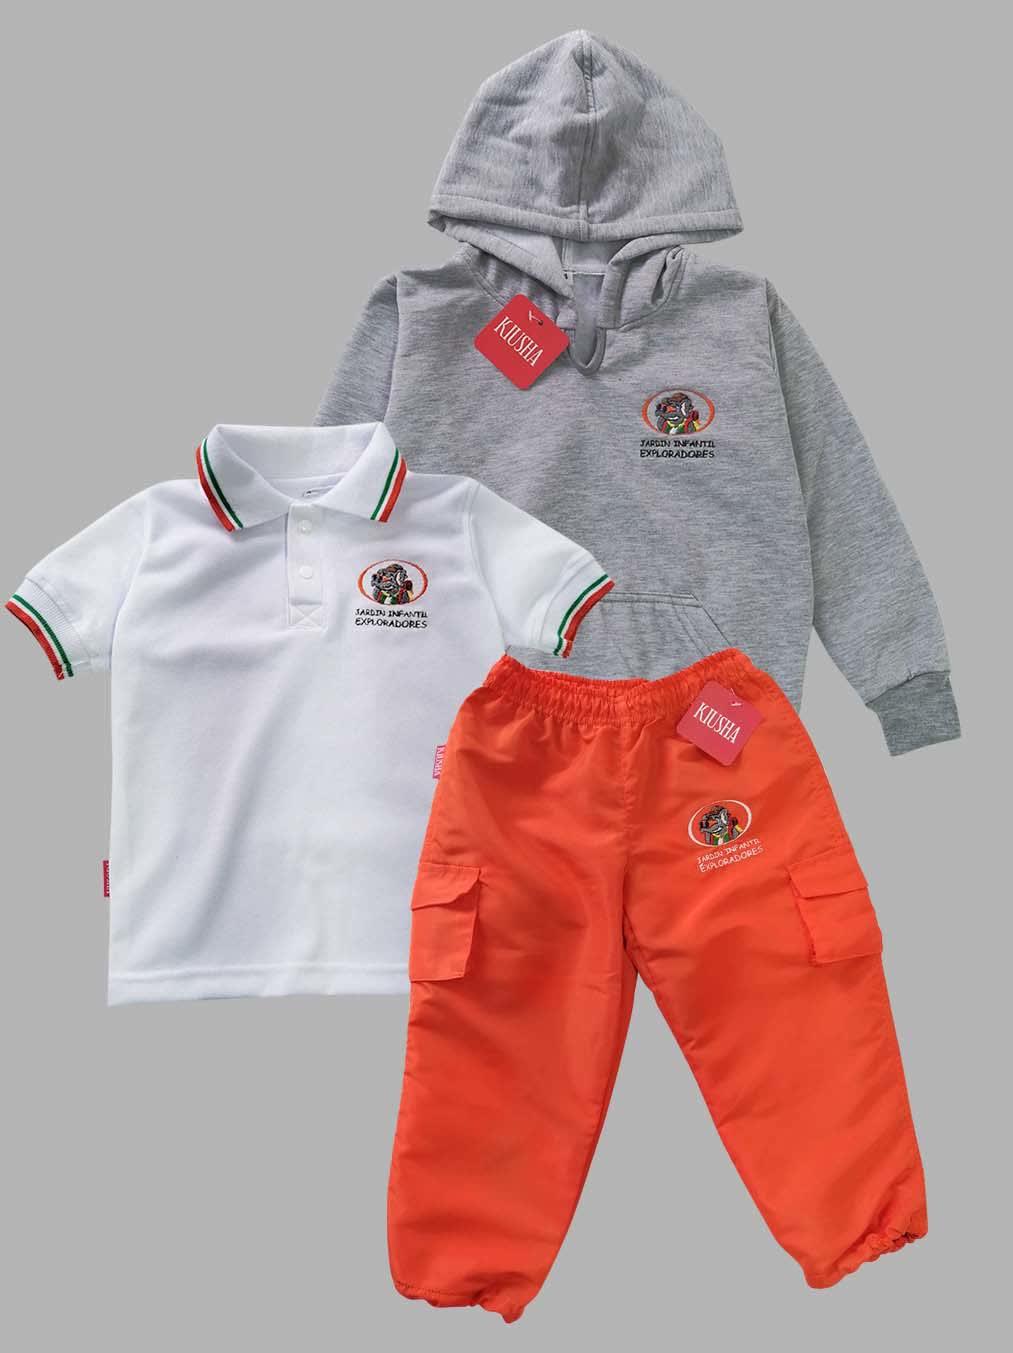 uniformes para jardin